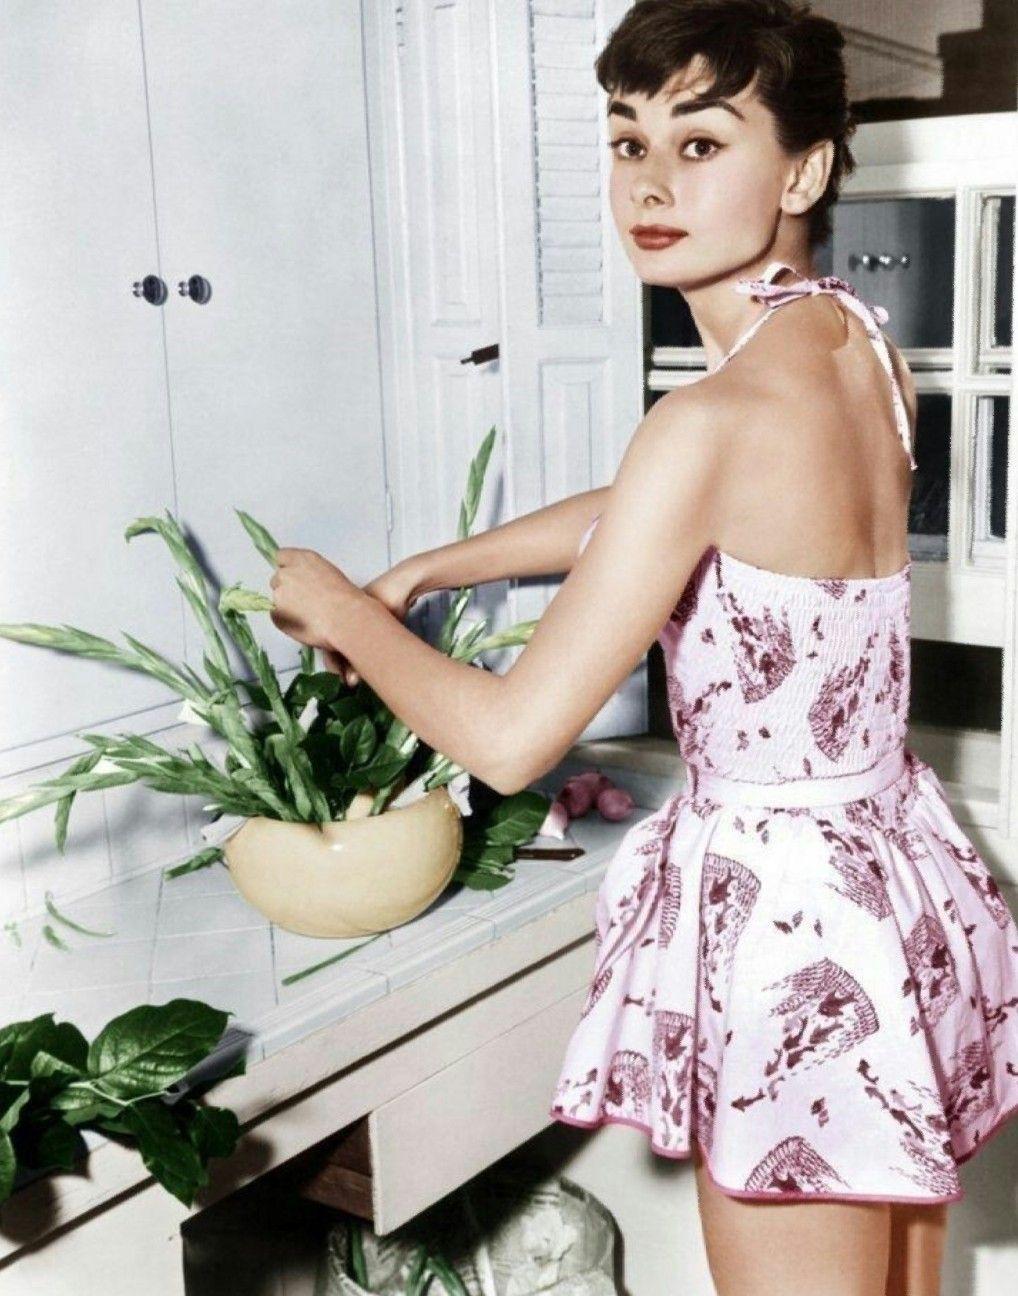 Thời trang Hè - Audrey Hepburn mặc đầm yếm in họa tiết